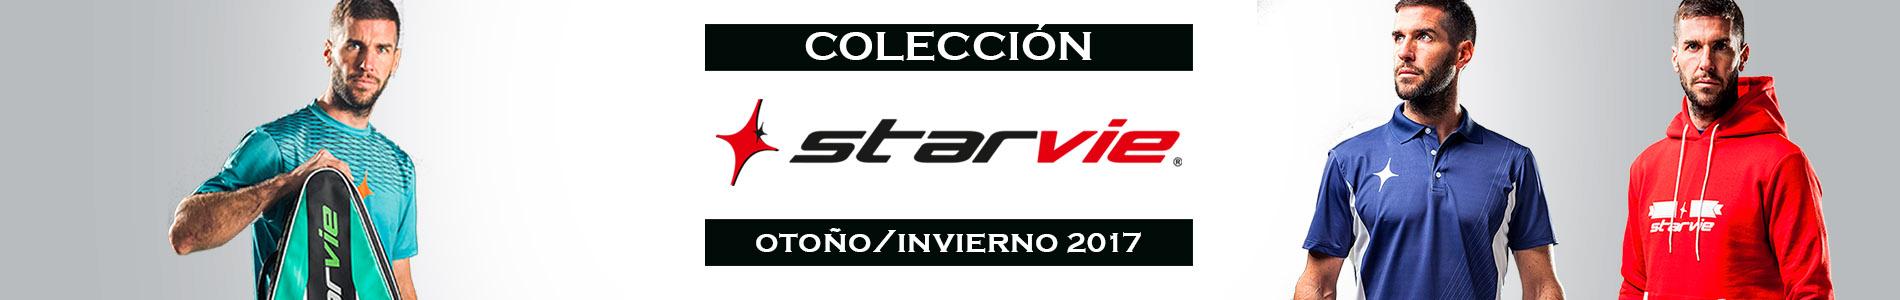 Colección Otoño Invierno de Pádel de Hombre 2017 - StarVie